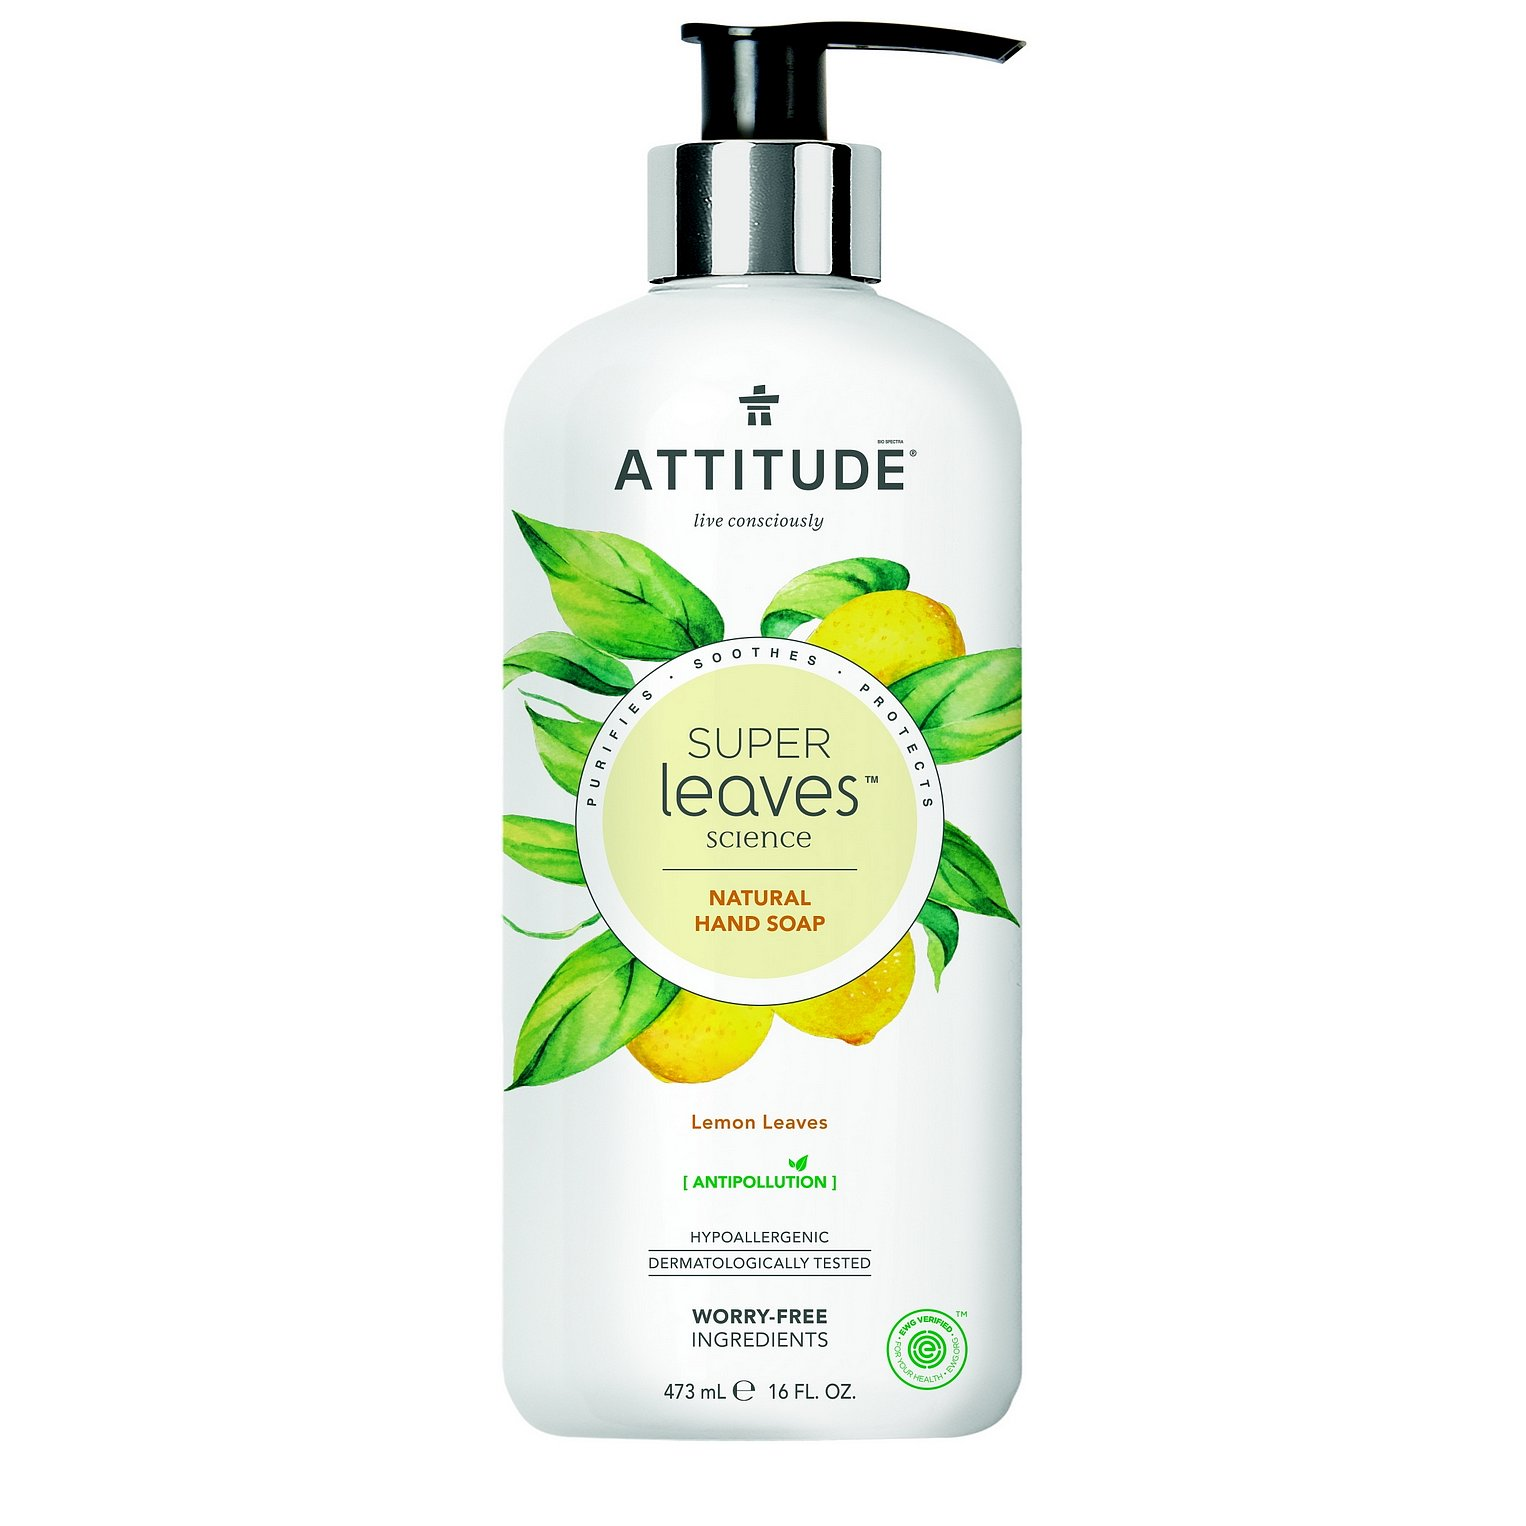 ATTITUDE Přírodní mýdlo na ruce Super leaves s detoxikačním účinkem – citrusové listy 473 ml